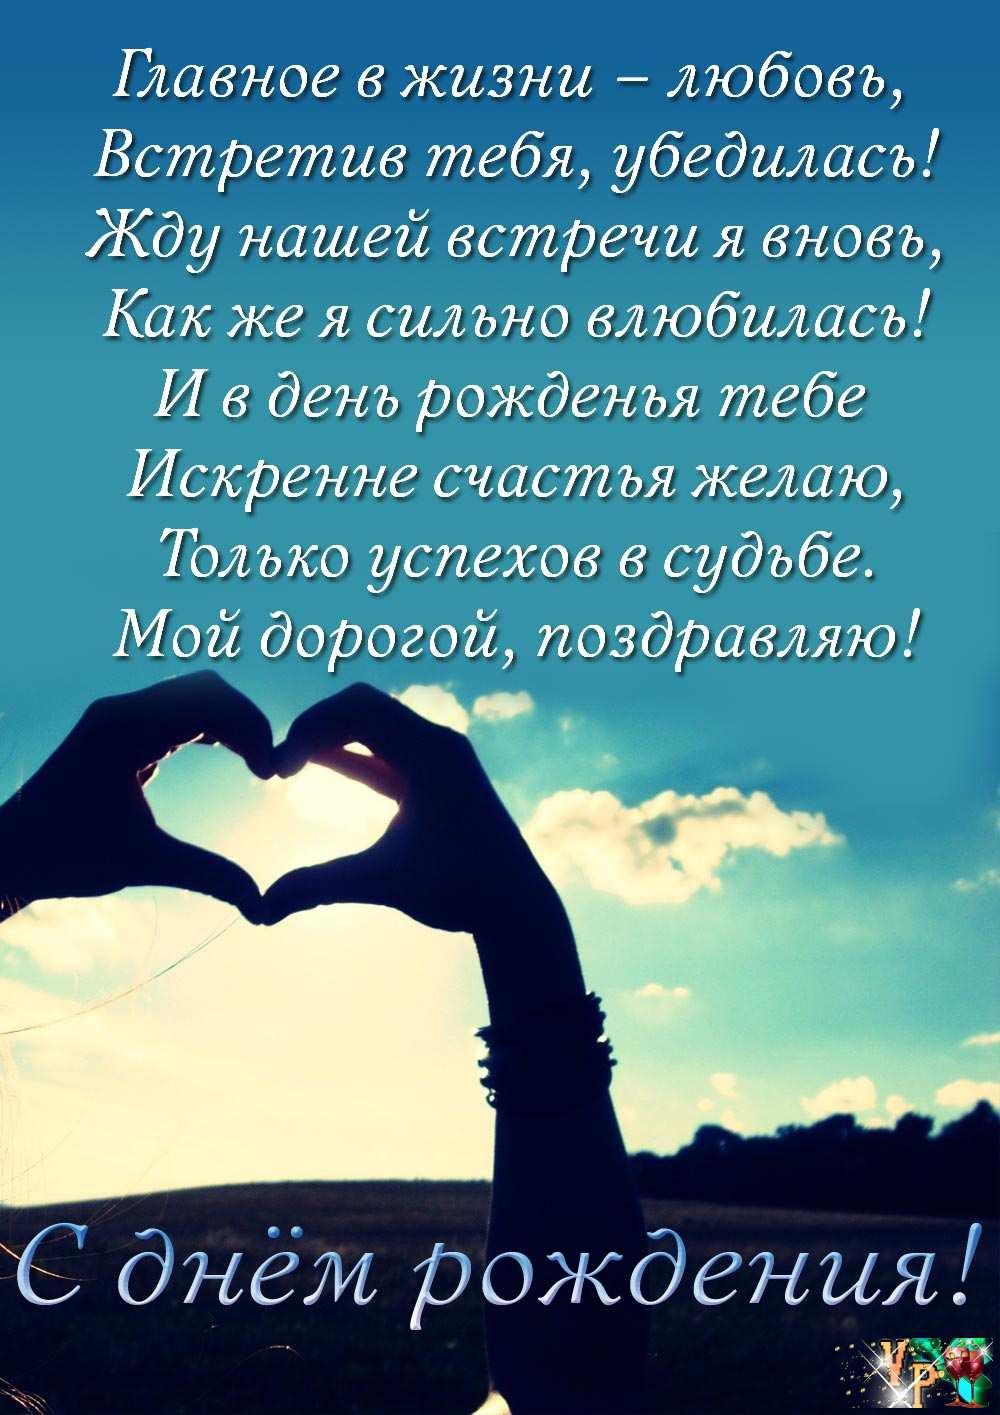 поздравление близкого любимого человека своими